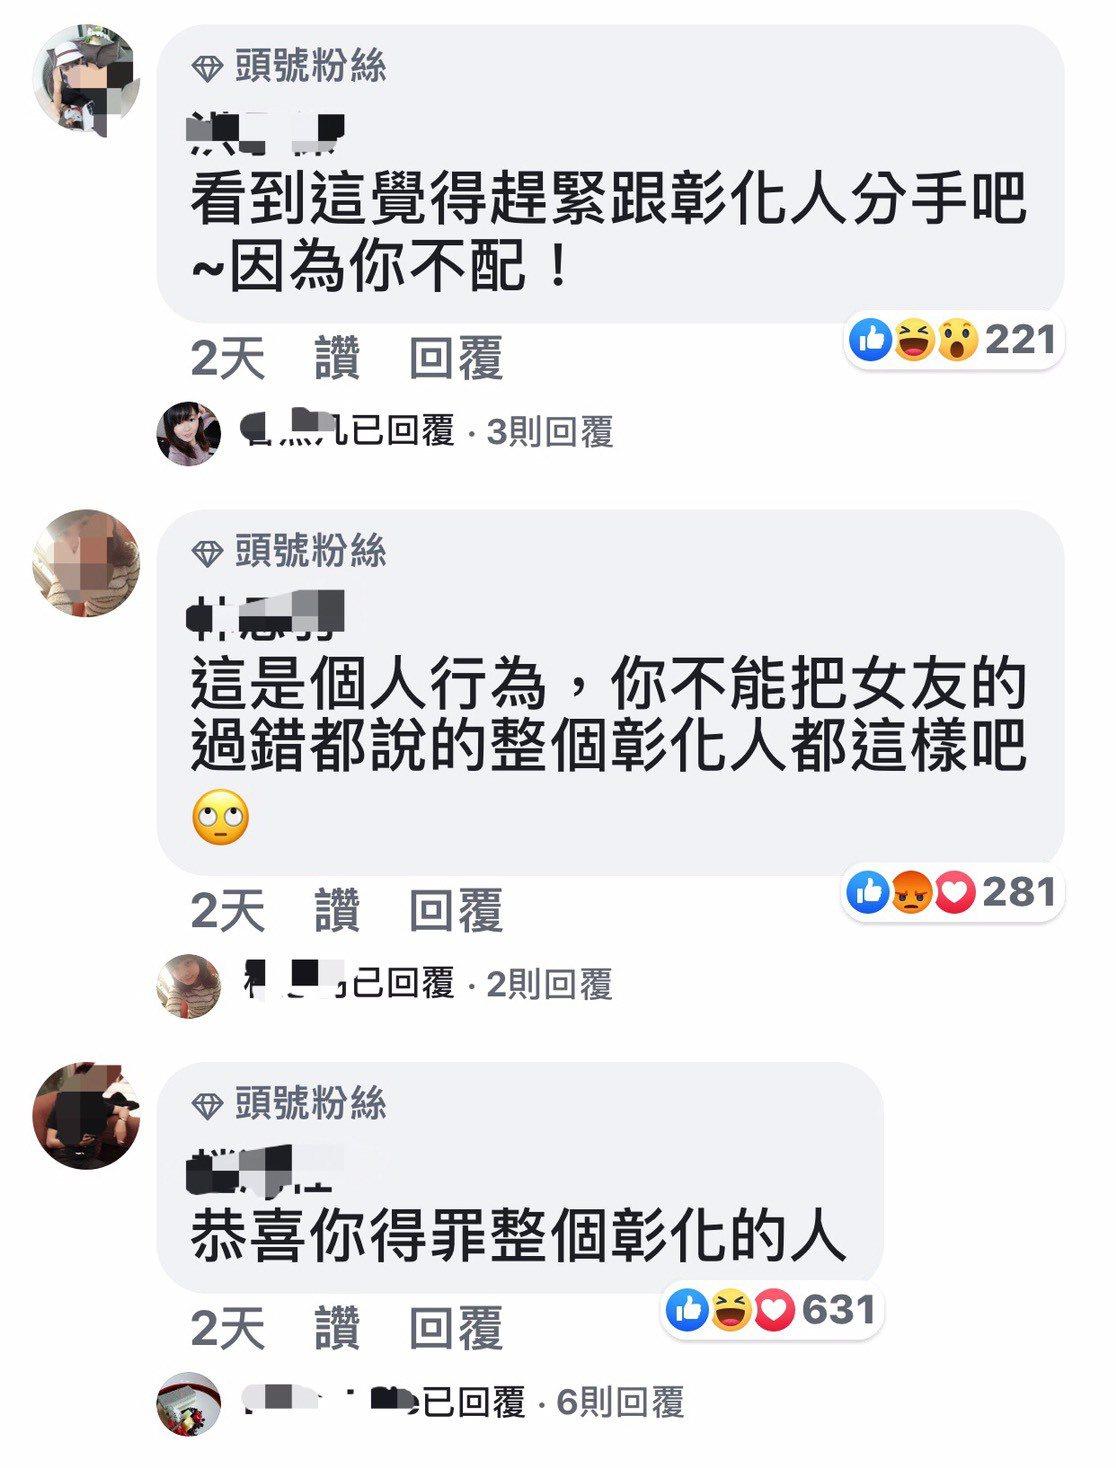 有網友在臉書「靠北女友」粉絲專頁PO文,稱交通亂到想跟彰化女友分手, 一句話惹毛...